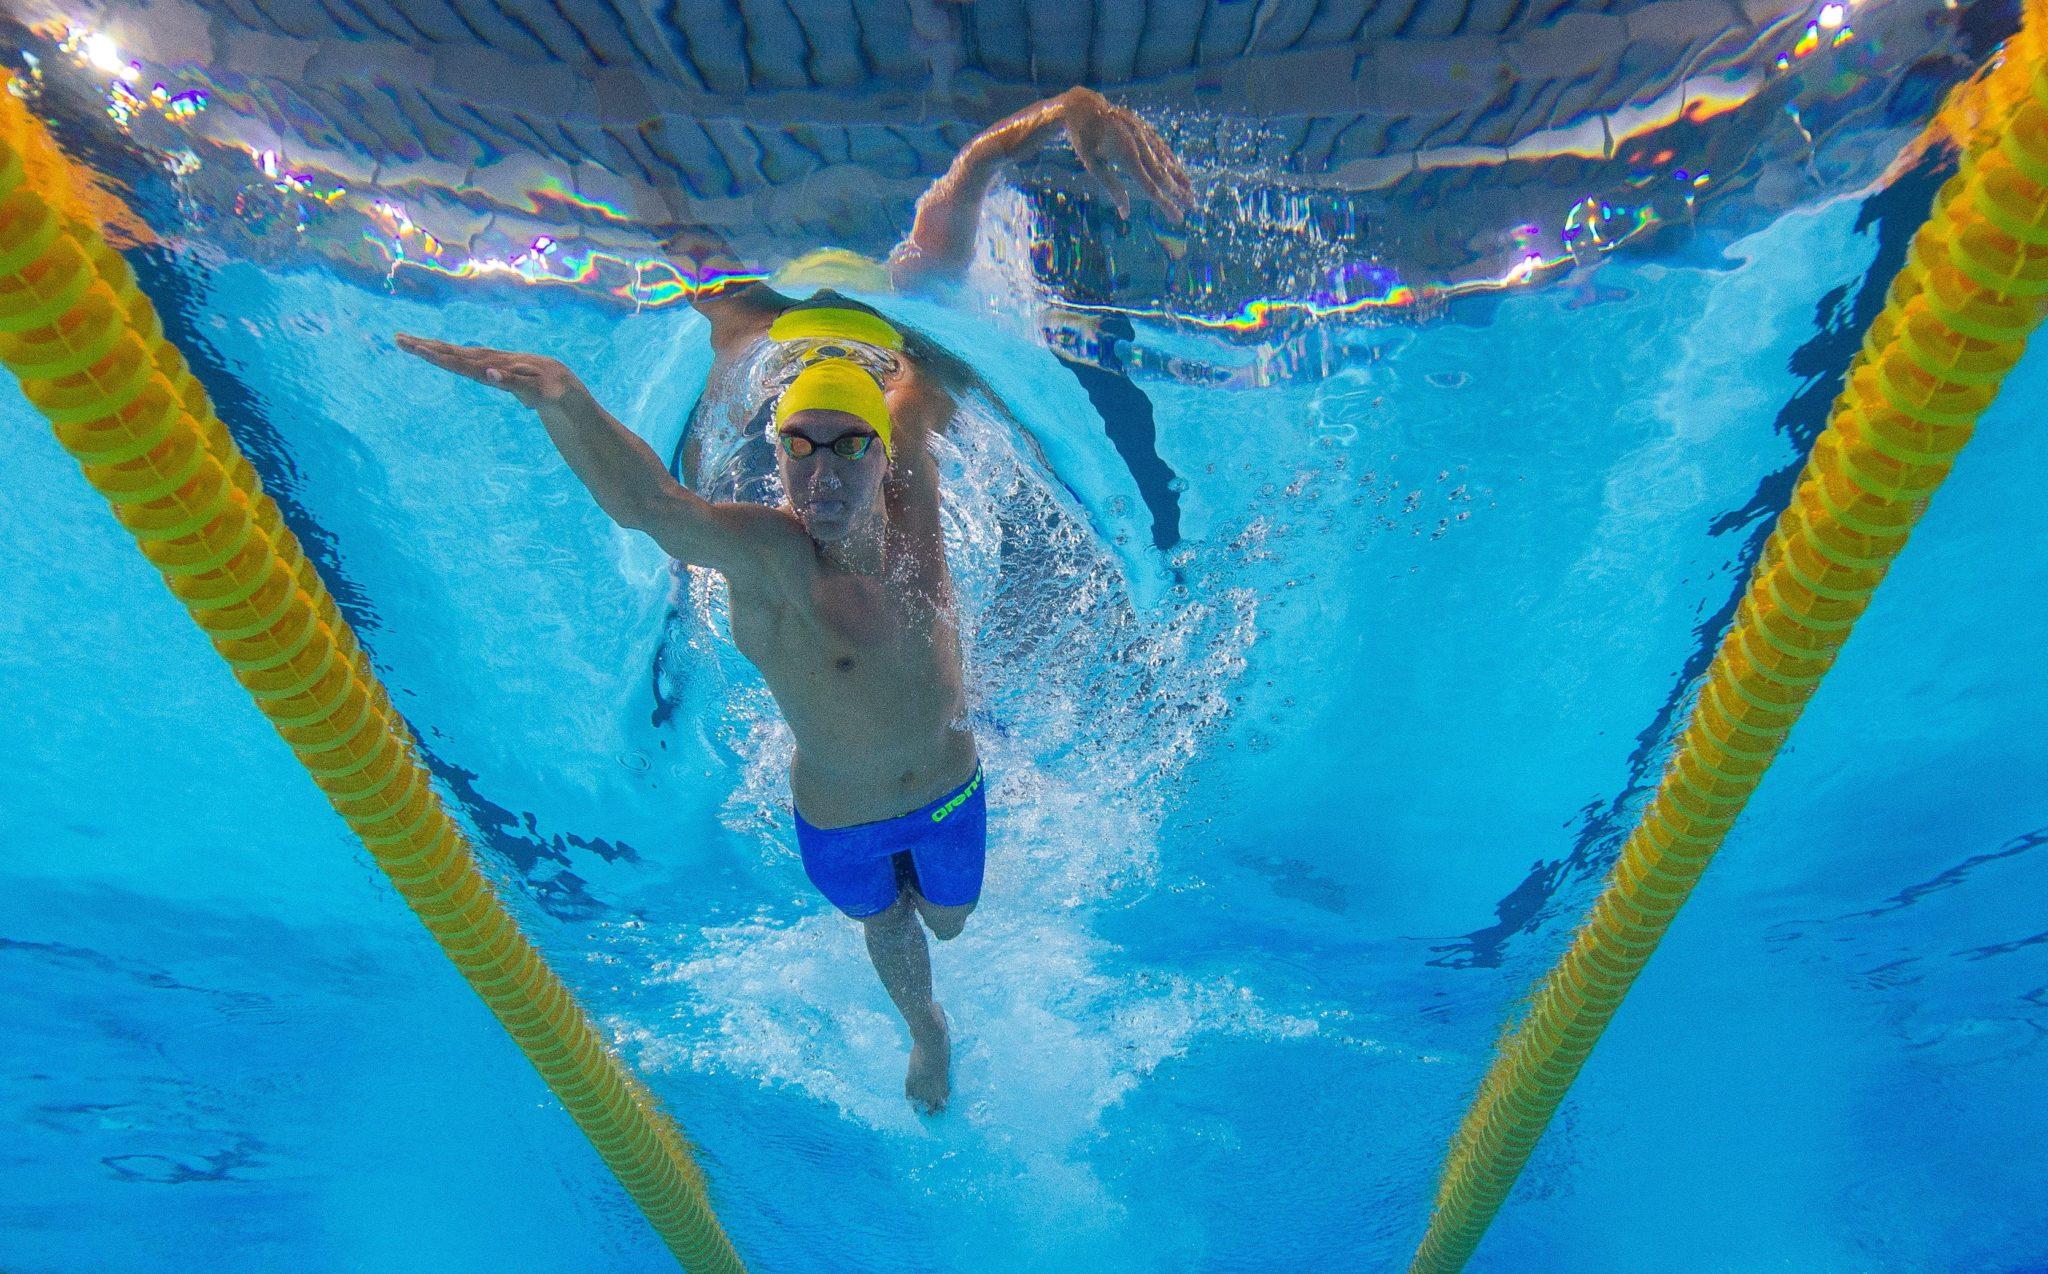 Argentyna: Robin Hanson ze Szwecji rywalizujące na dystansie 200 m stylem dowolnym w pływaniu dla mężczyzn na Młodzieżowych Igrzysk Olimpijskich w Buenos Aires, fot. Joel Marklund, OIS, IOC